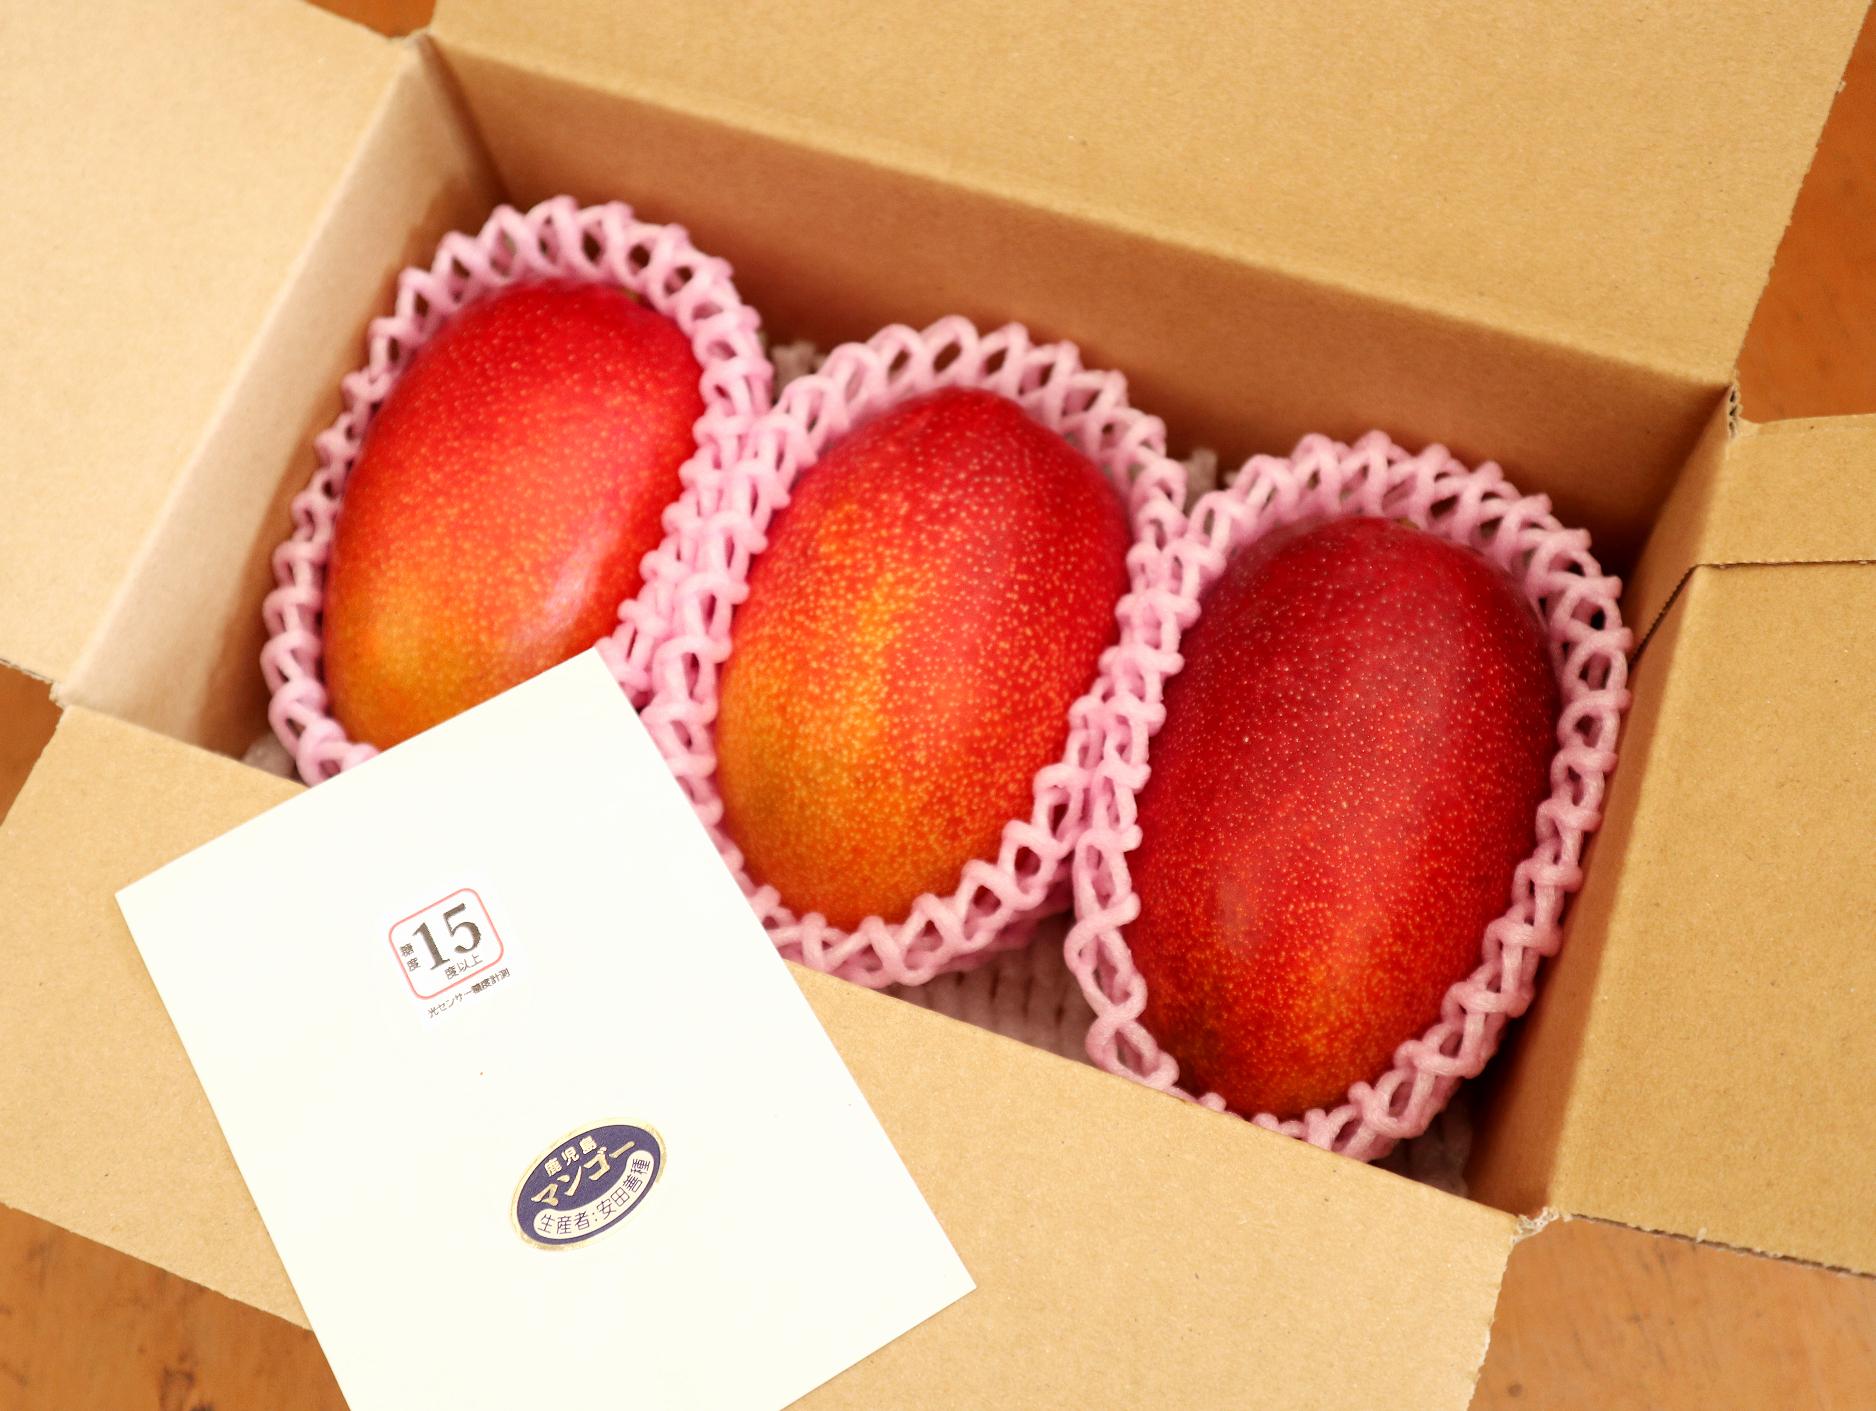 糖度15度以上のこだわり極上マンゴーを是非ご賞味下さい